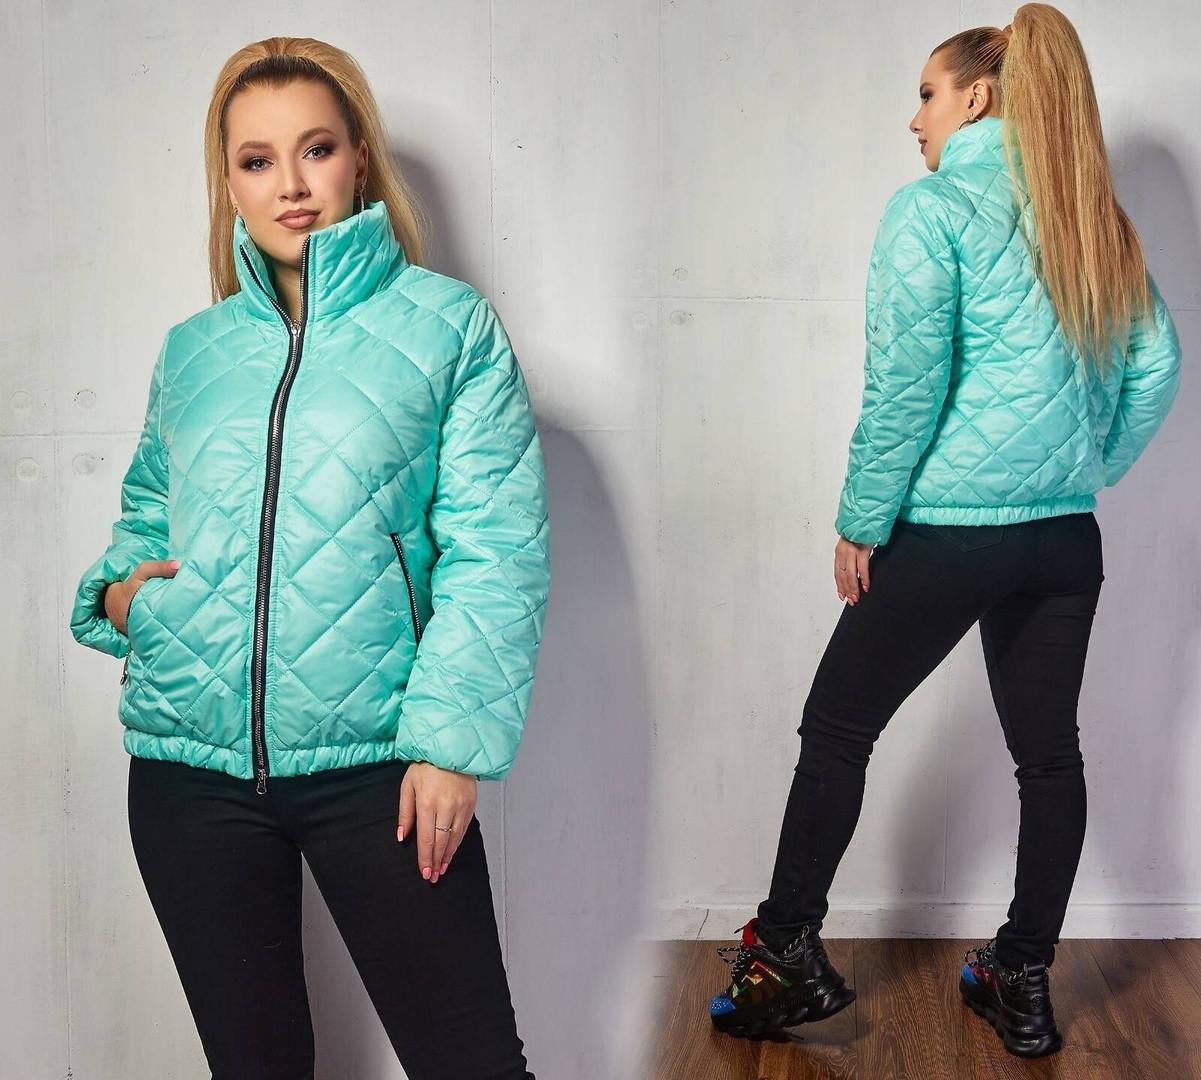 Короткая женская куртка на молнии с карманами синтепон 100 48- 50, 52-54, 56-58